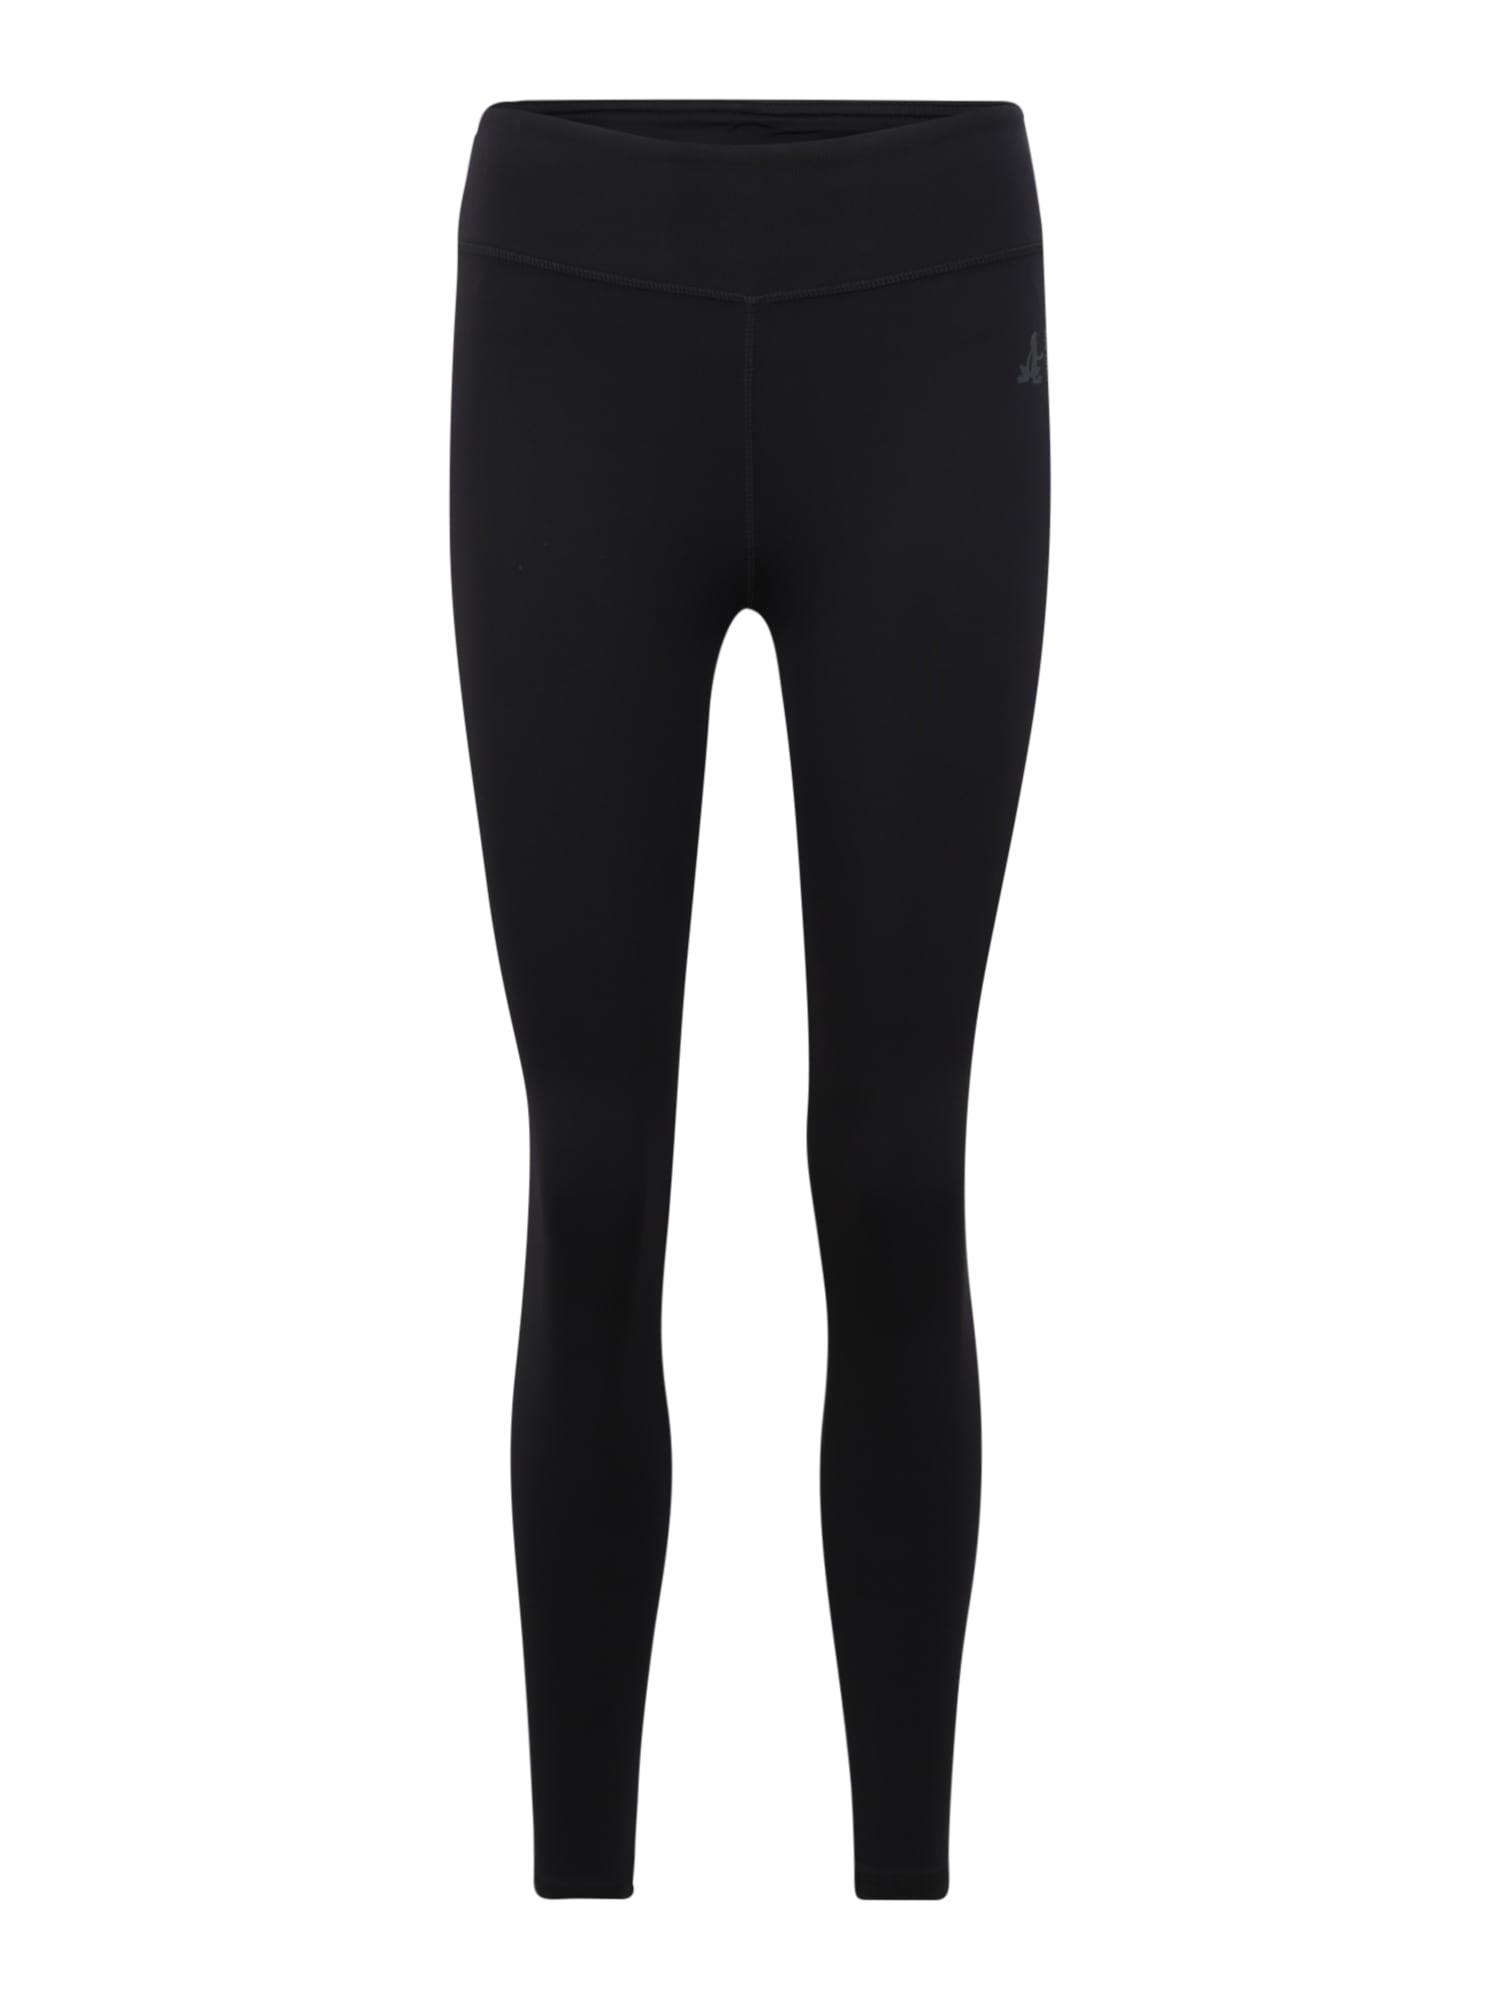 CURARE Yogawear Sportinės kelnės nakties mėlyna